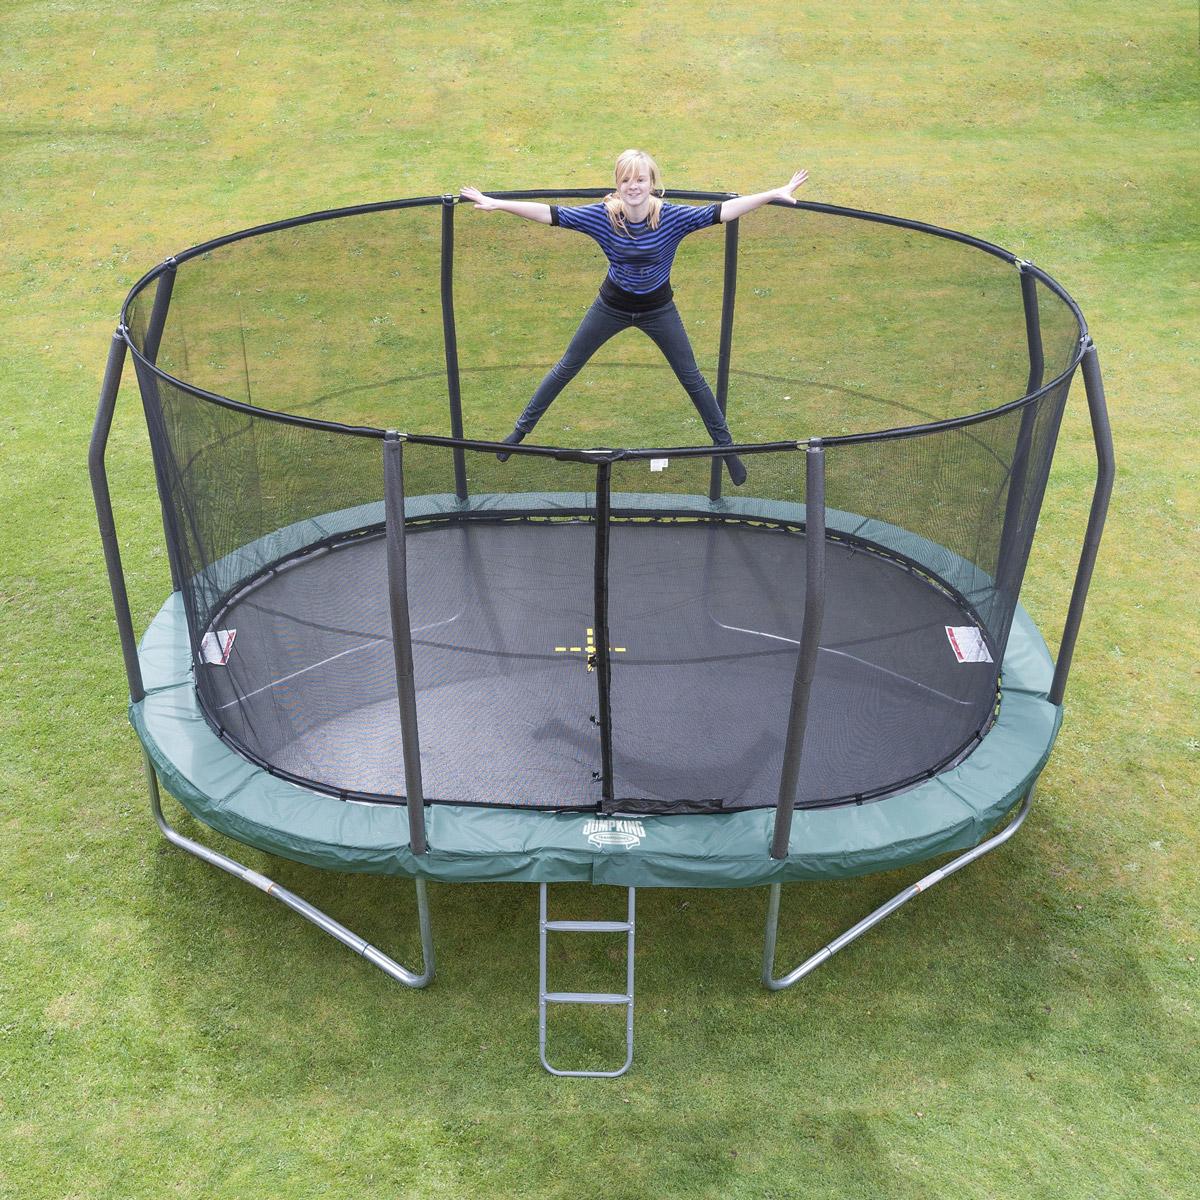 oval trampolin ovalpod 13 4 m jumpking trampoliner. Black Bedroom Furniture Sets. Home Design Ideas